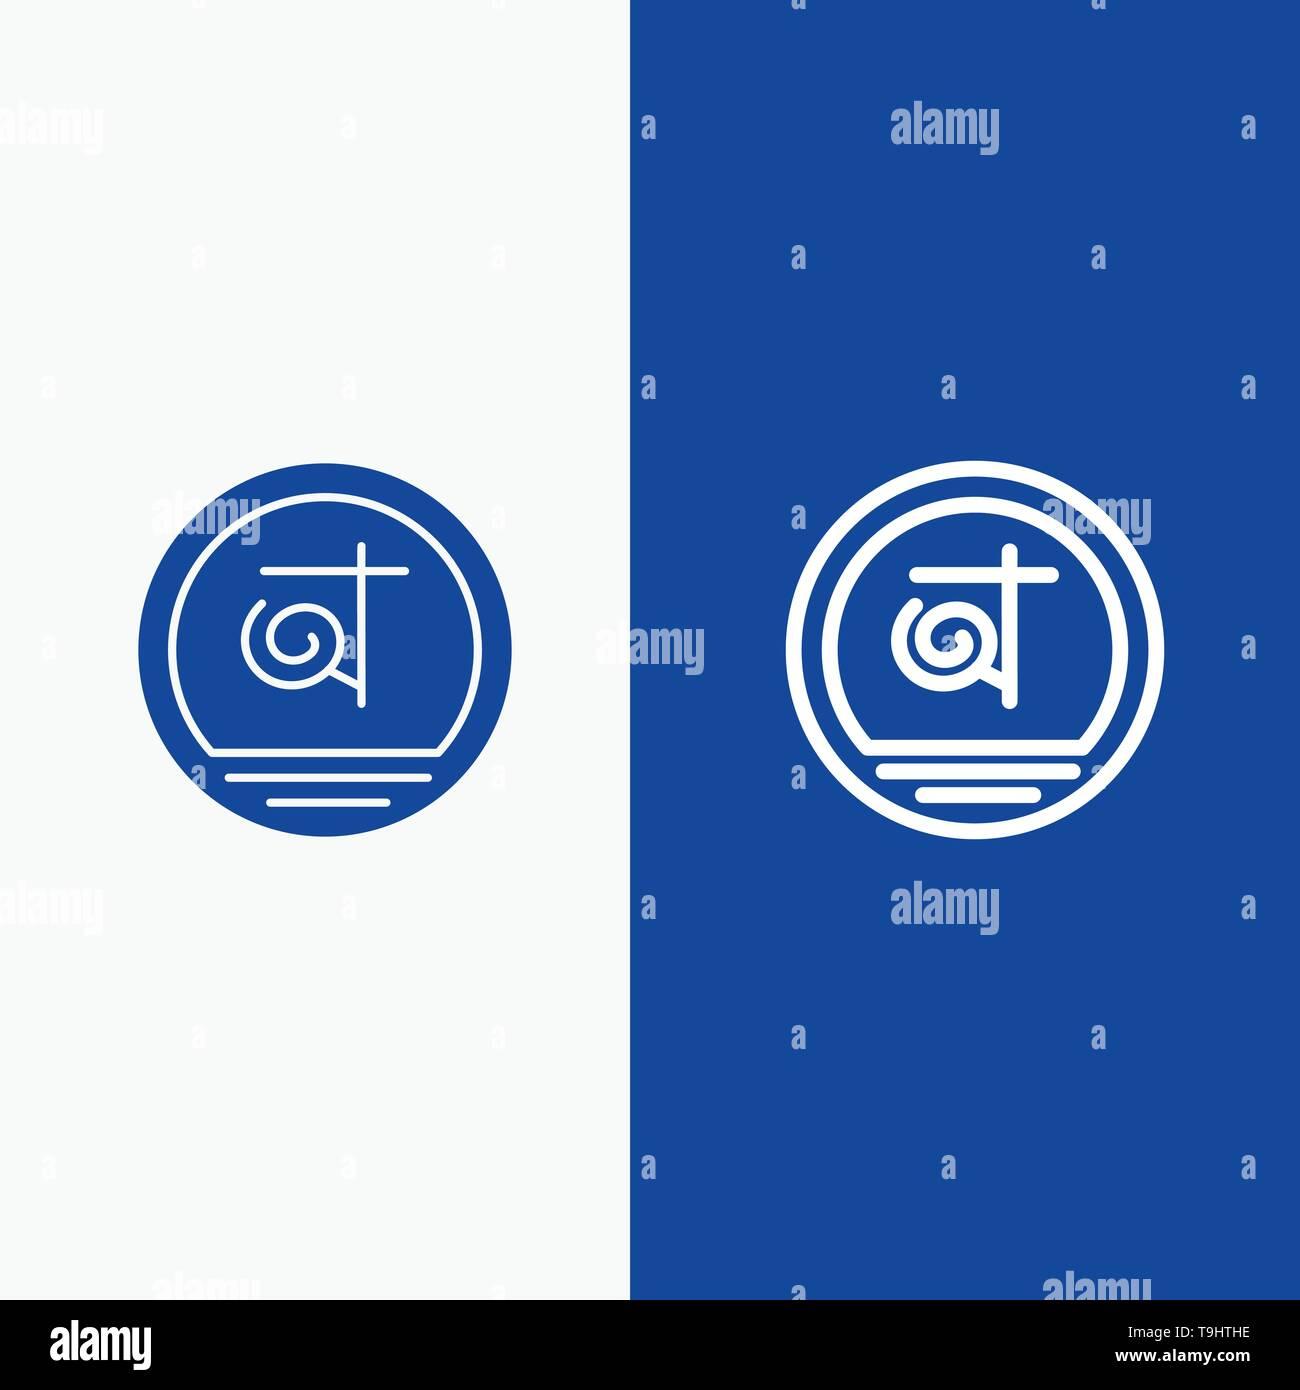 Bangla, Bangladesh, Bangladeshi, Business Line and Glyph Solid icon Blue banner Line and Glyph Solid icon Blue banner - Stock Image